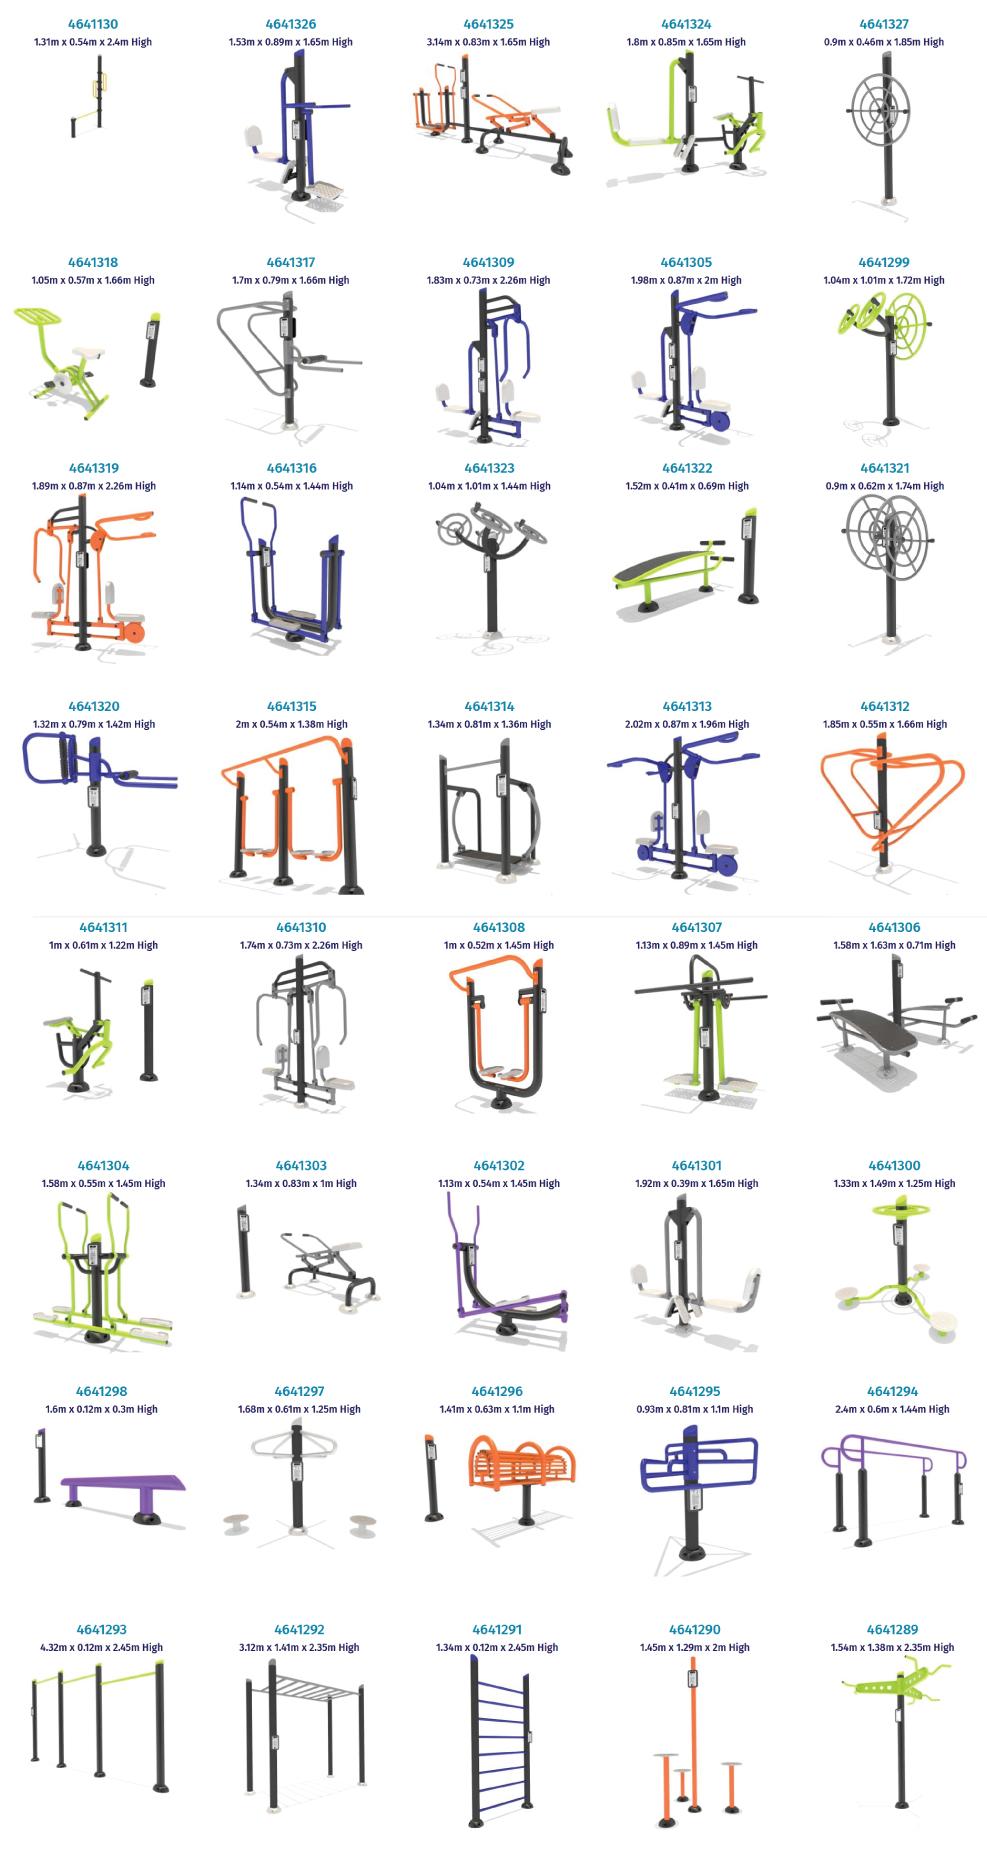 Standard outdoor fitness equipment